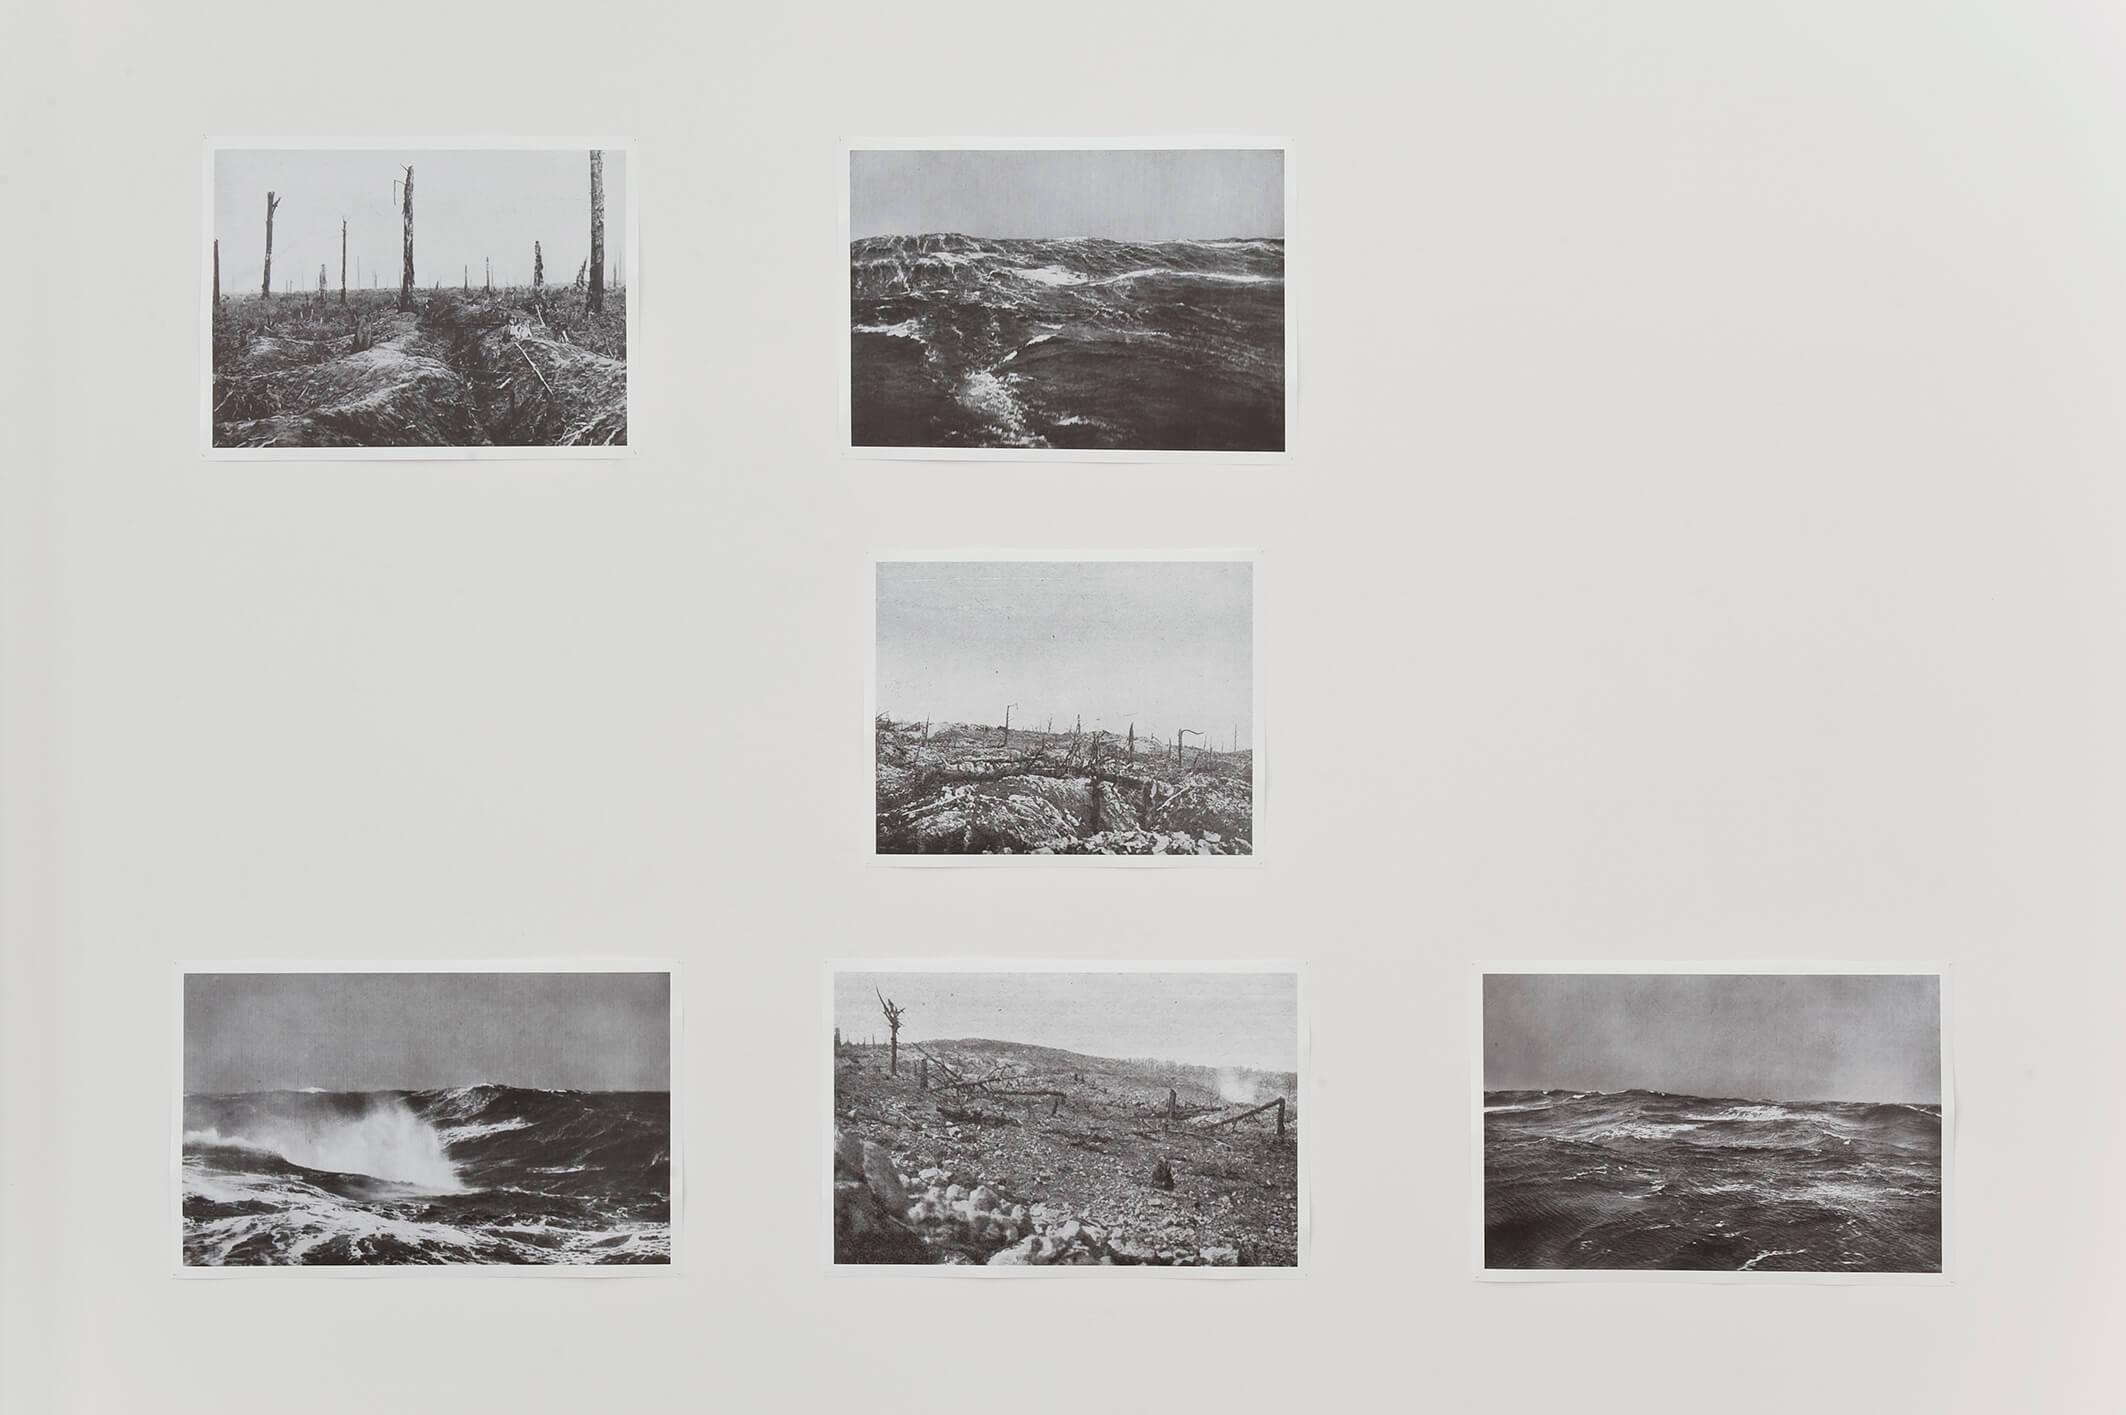 ImmerNoch Sturm(StillStorming), 2011(Group #2) | Immer Noch Sturm | ProjecteSD